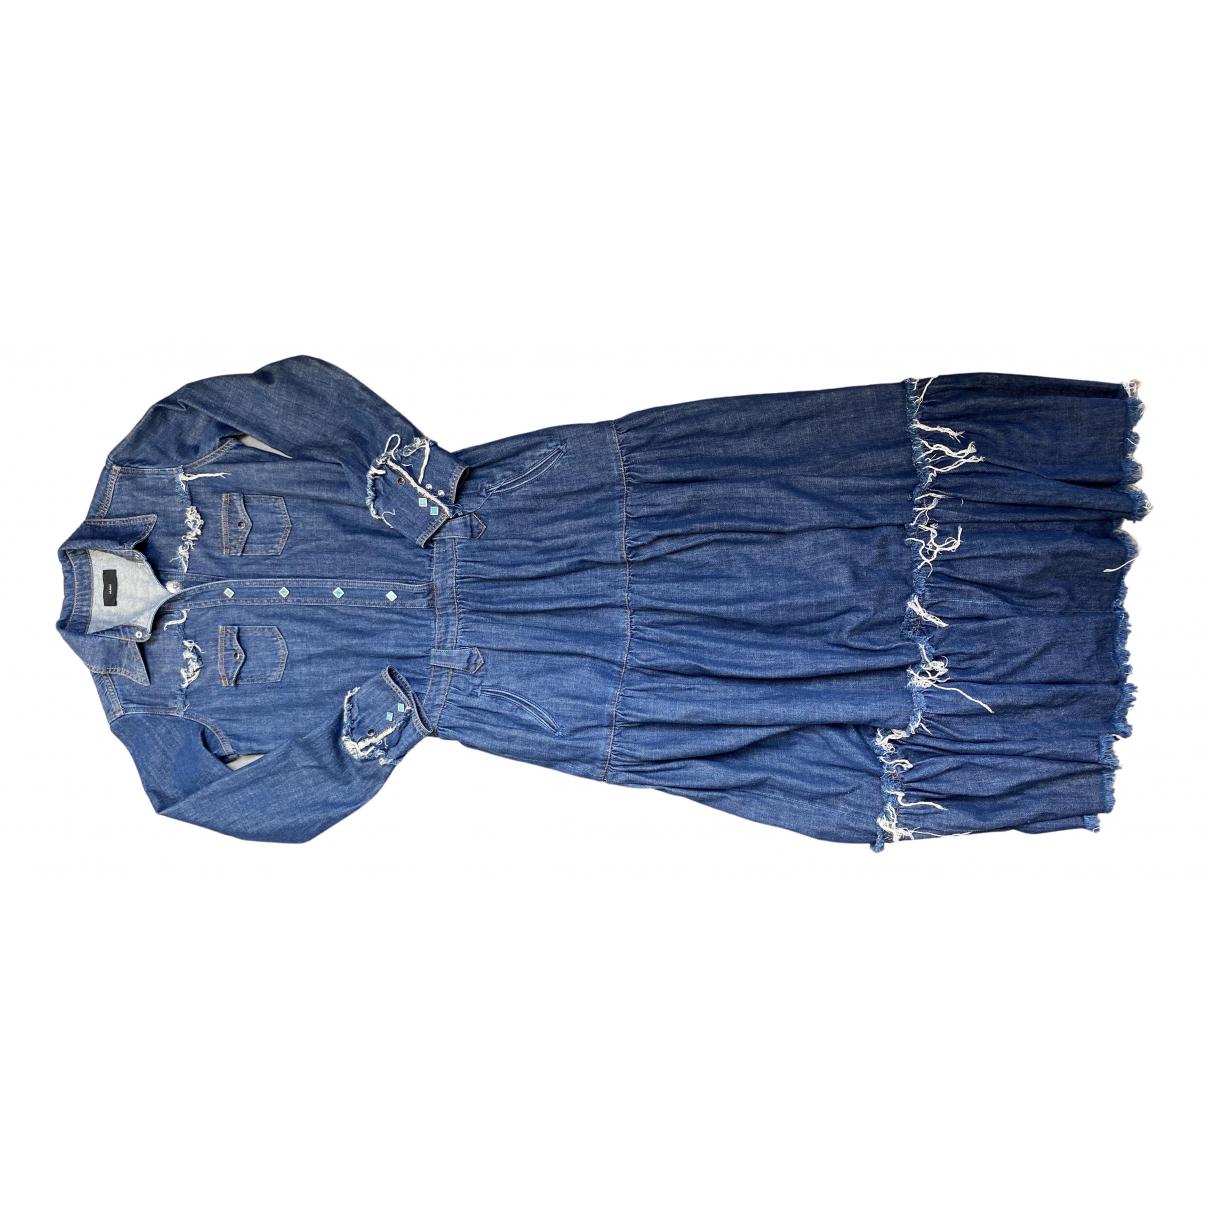 Alanui \N Kleid in  Blau Denim - Jeans